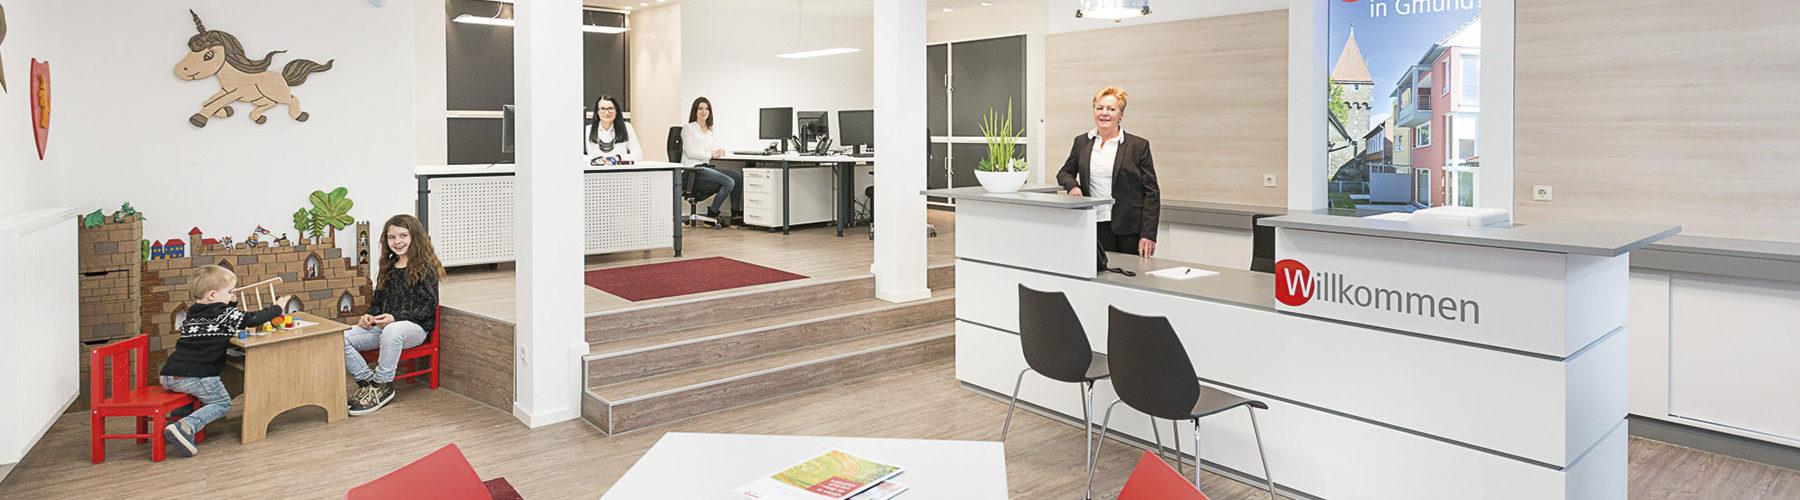 W-Punkt Schwaebisch Gmuend Ansprechpartner der VGW für Immobilien Wohnungsbau und Dienstleistungen